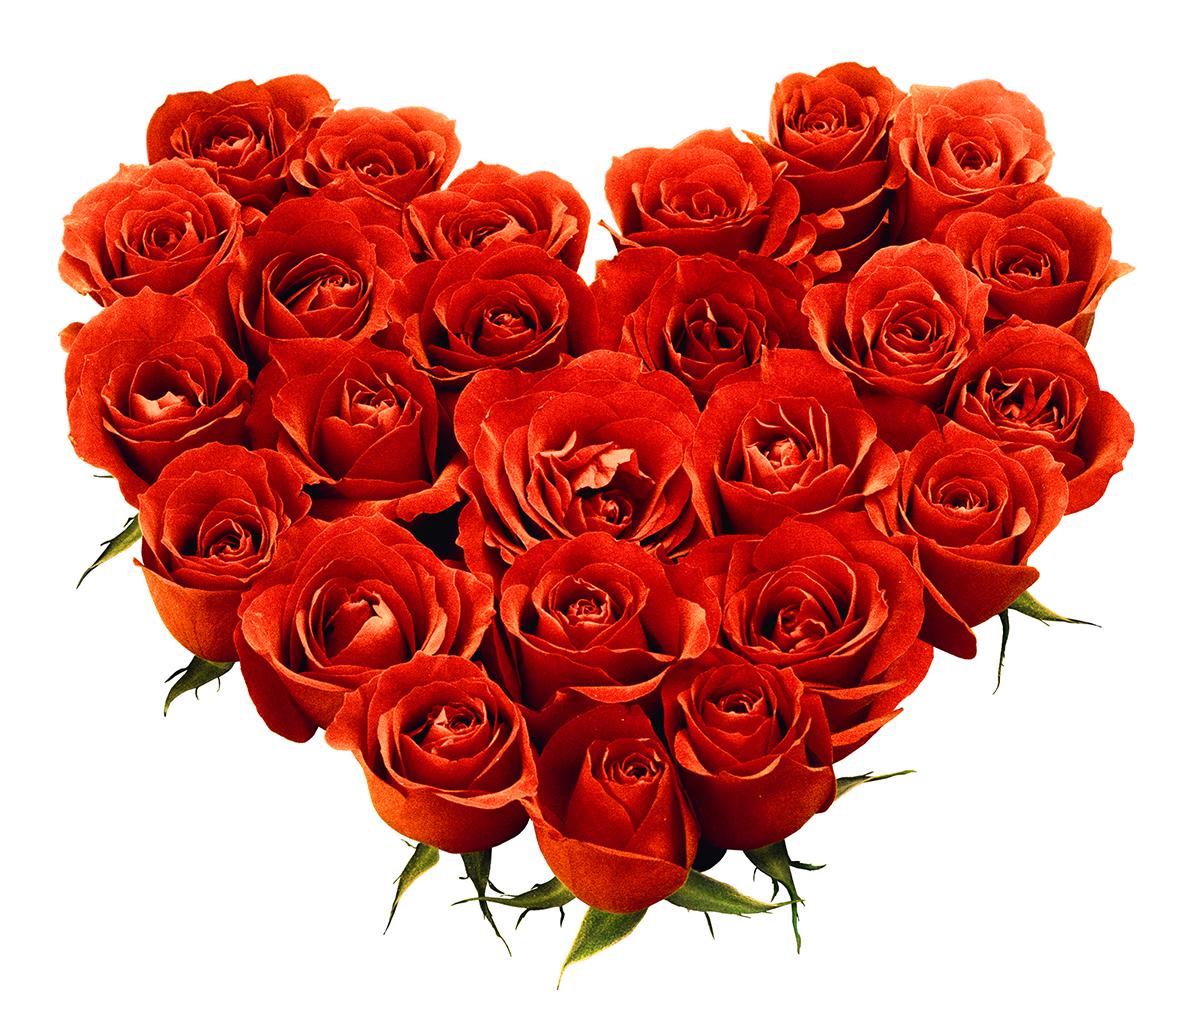 rose_PNG642